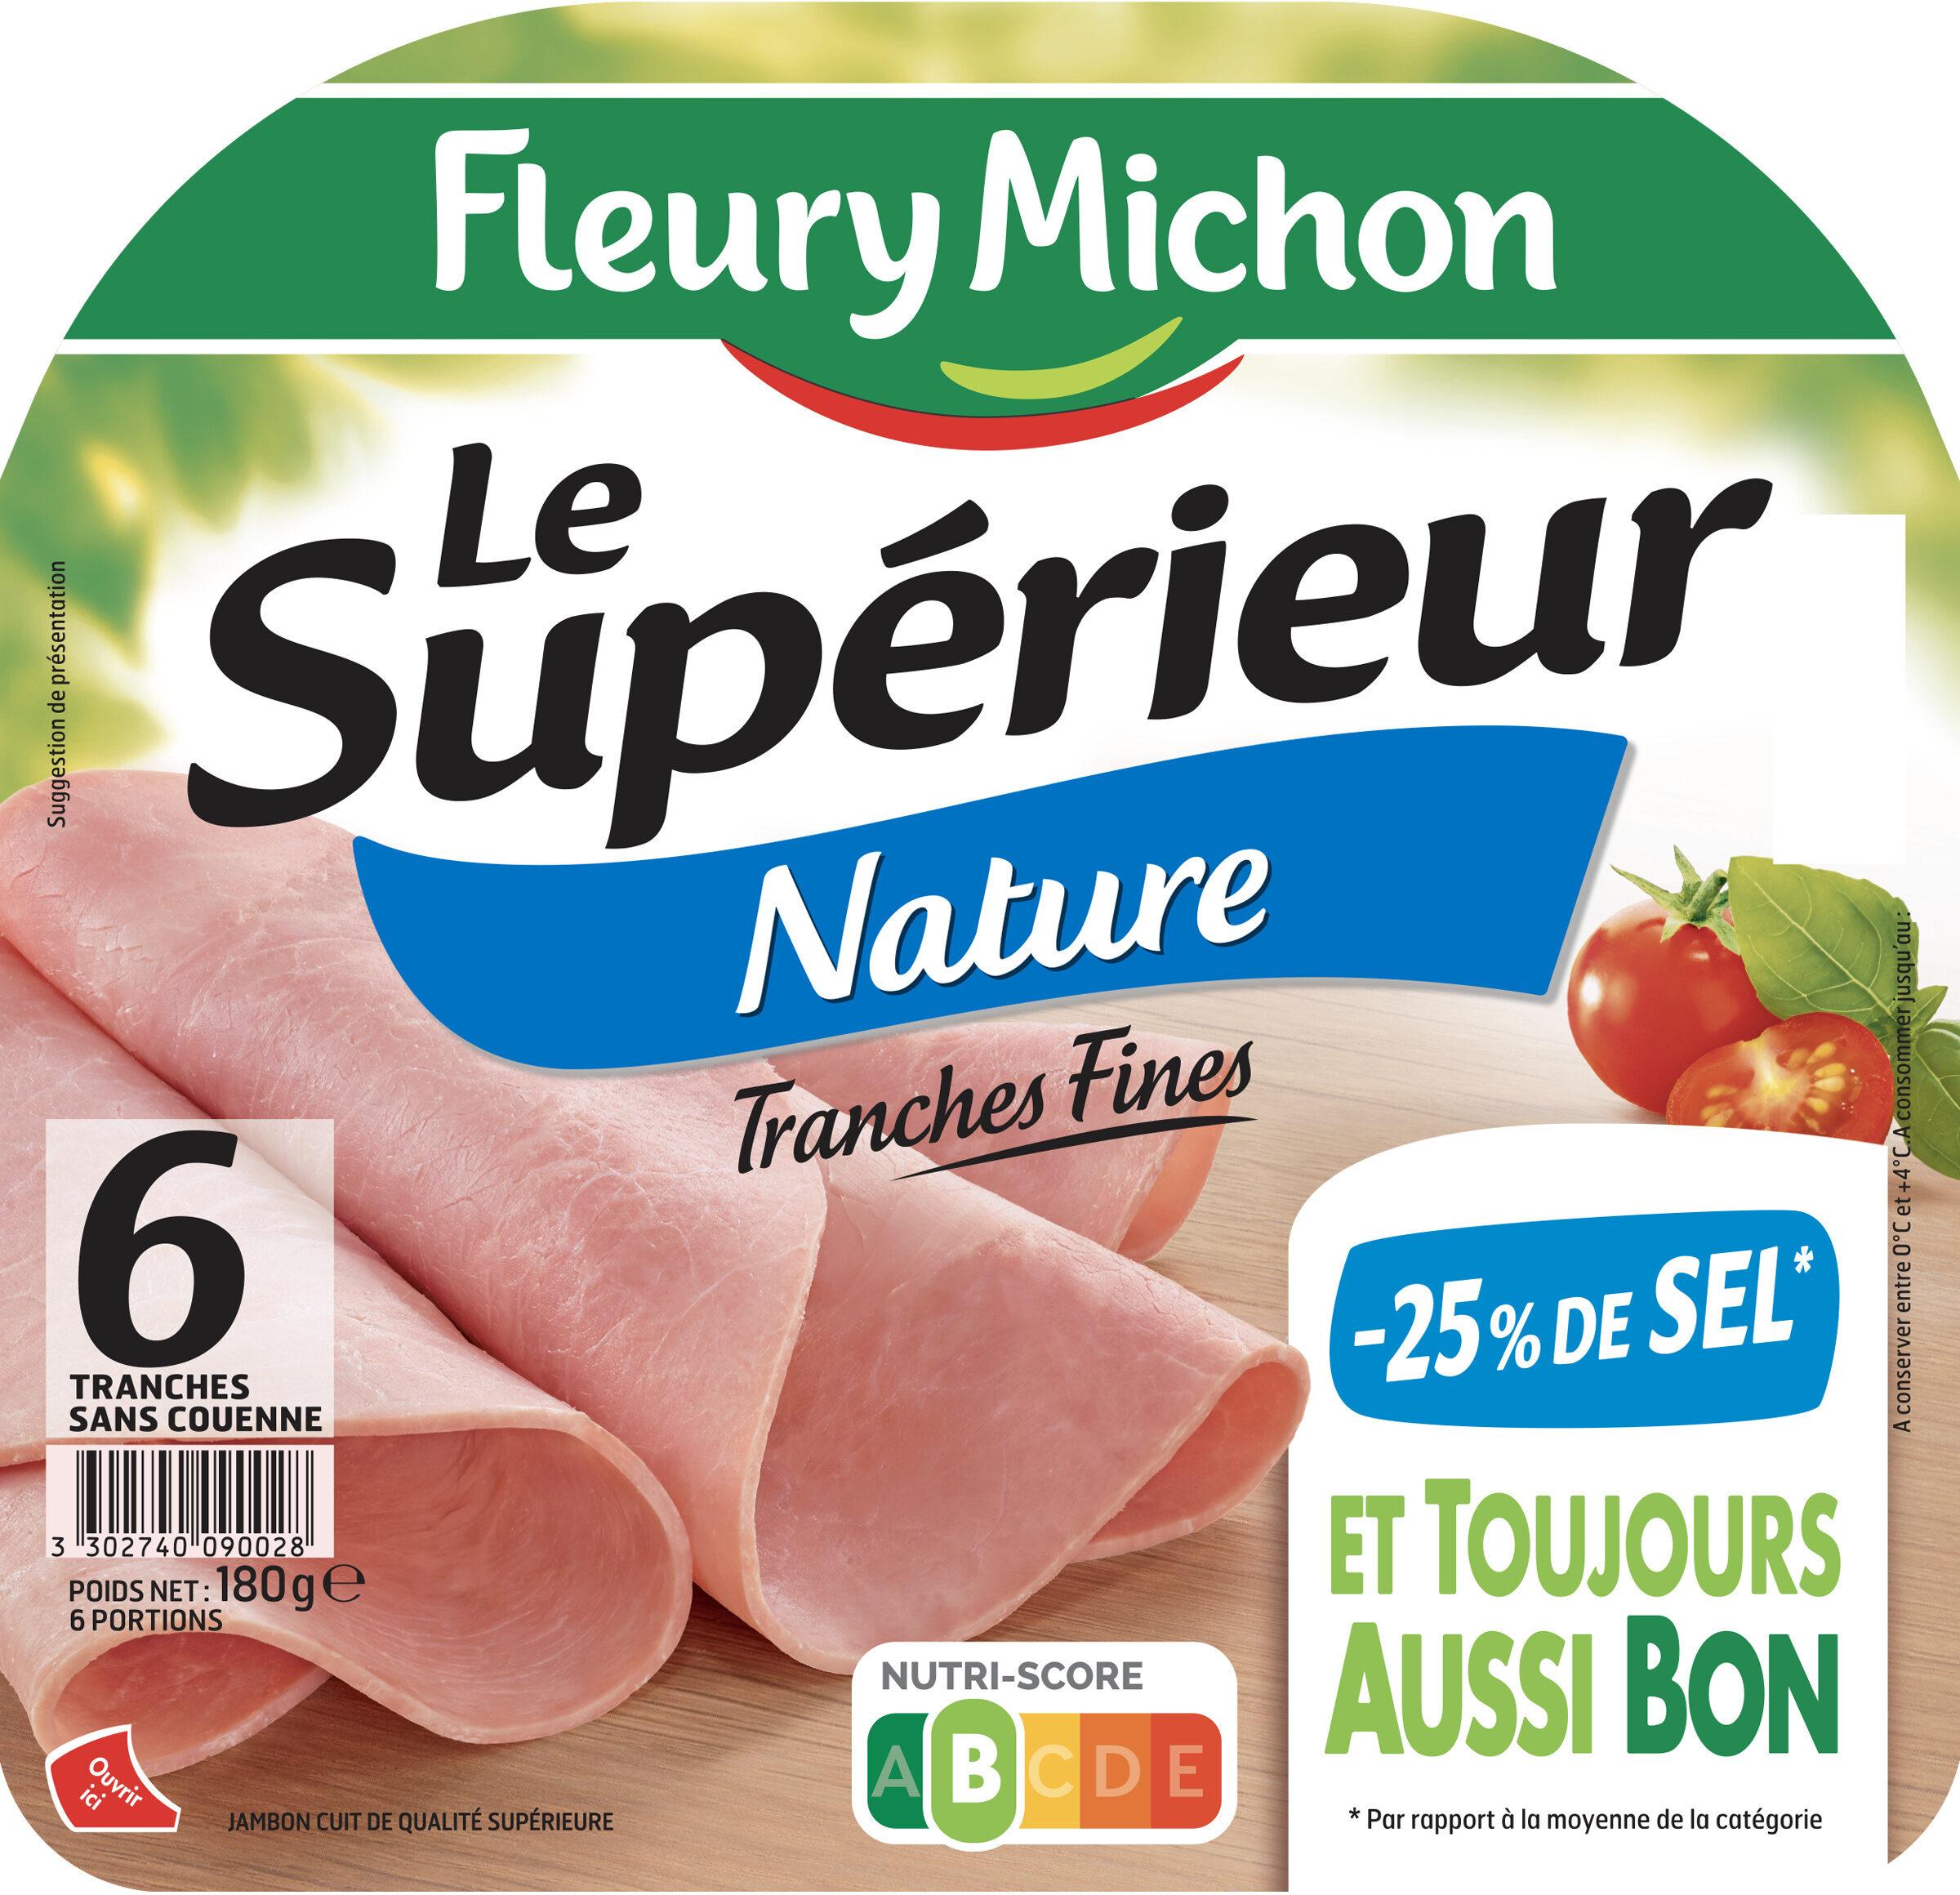 Le supérieur nature - tranches fines-  25% de sel* - 6 tranches - Product - fr